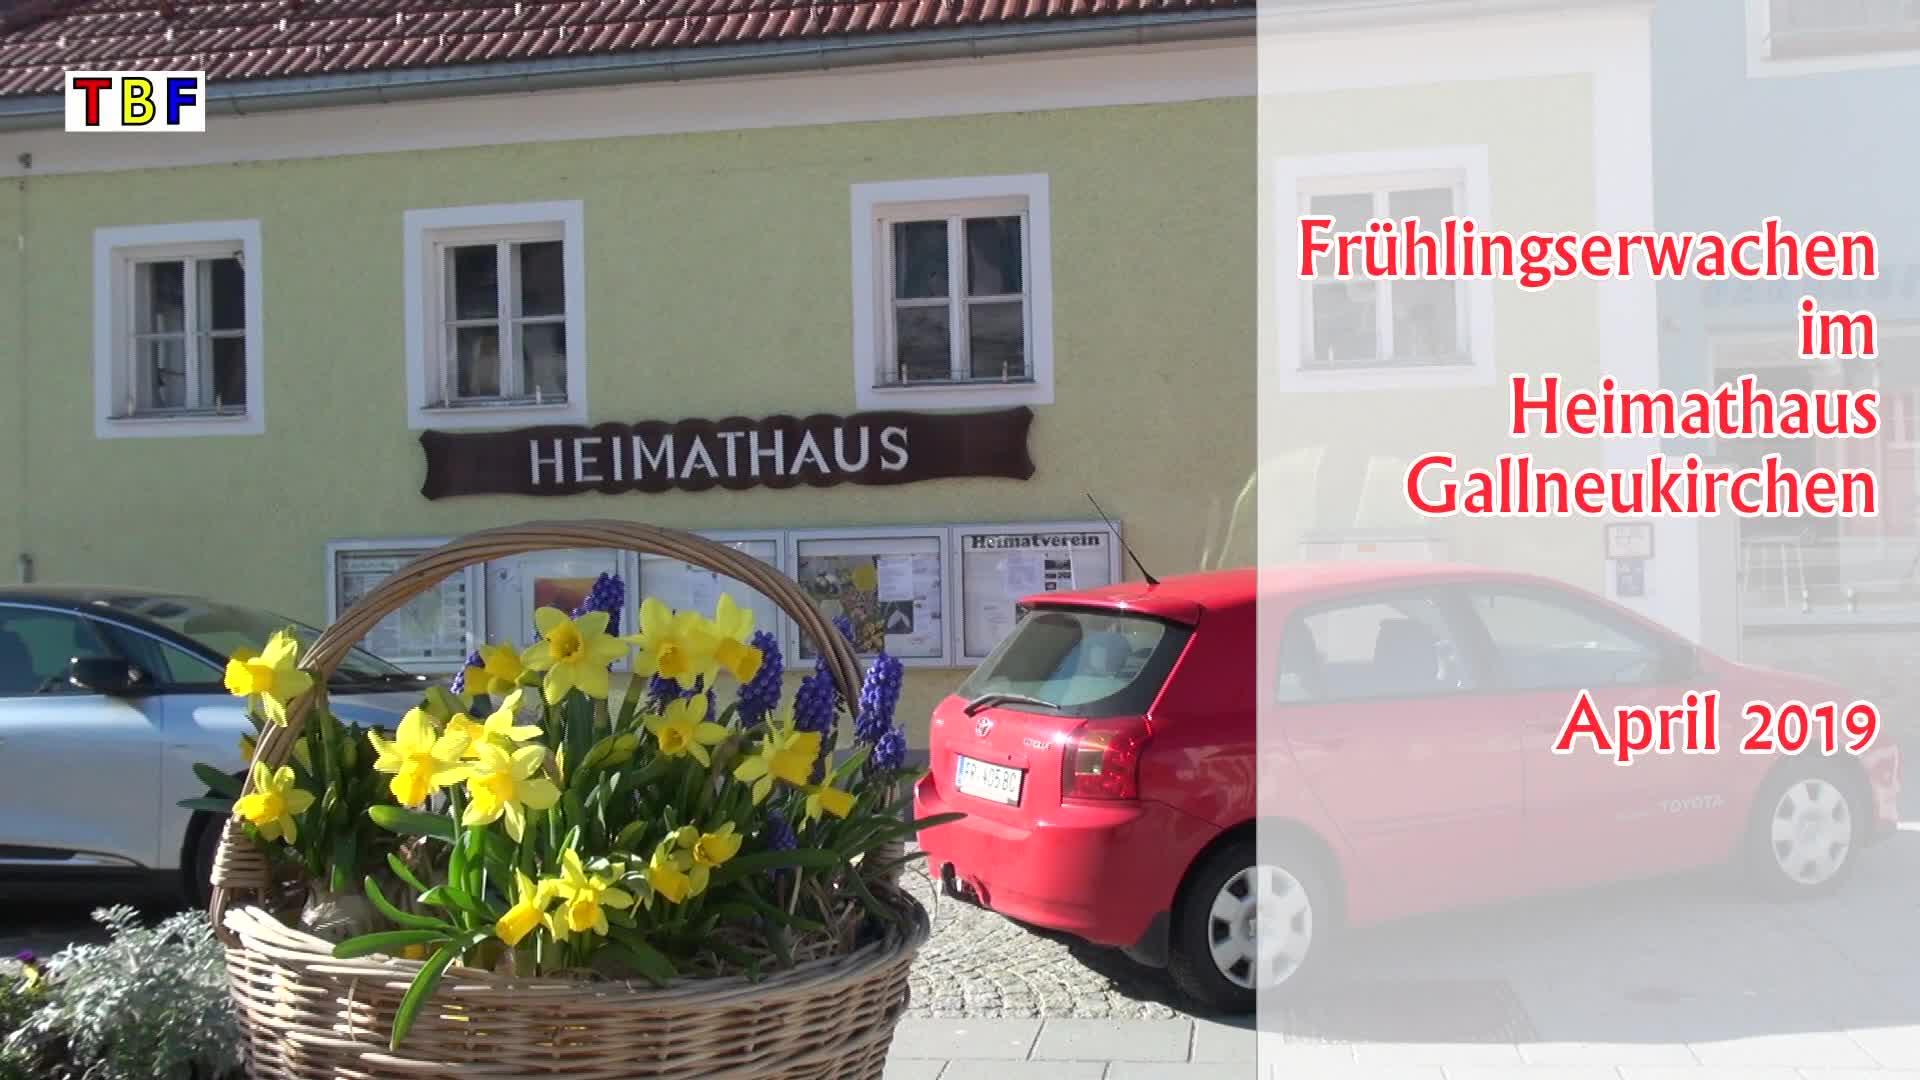 Frühlingserwachen im Heimathaus Gallneukirchen